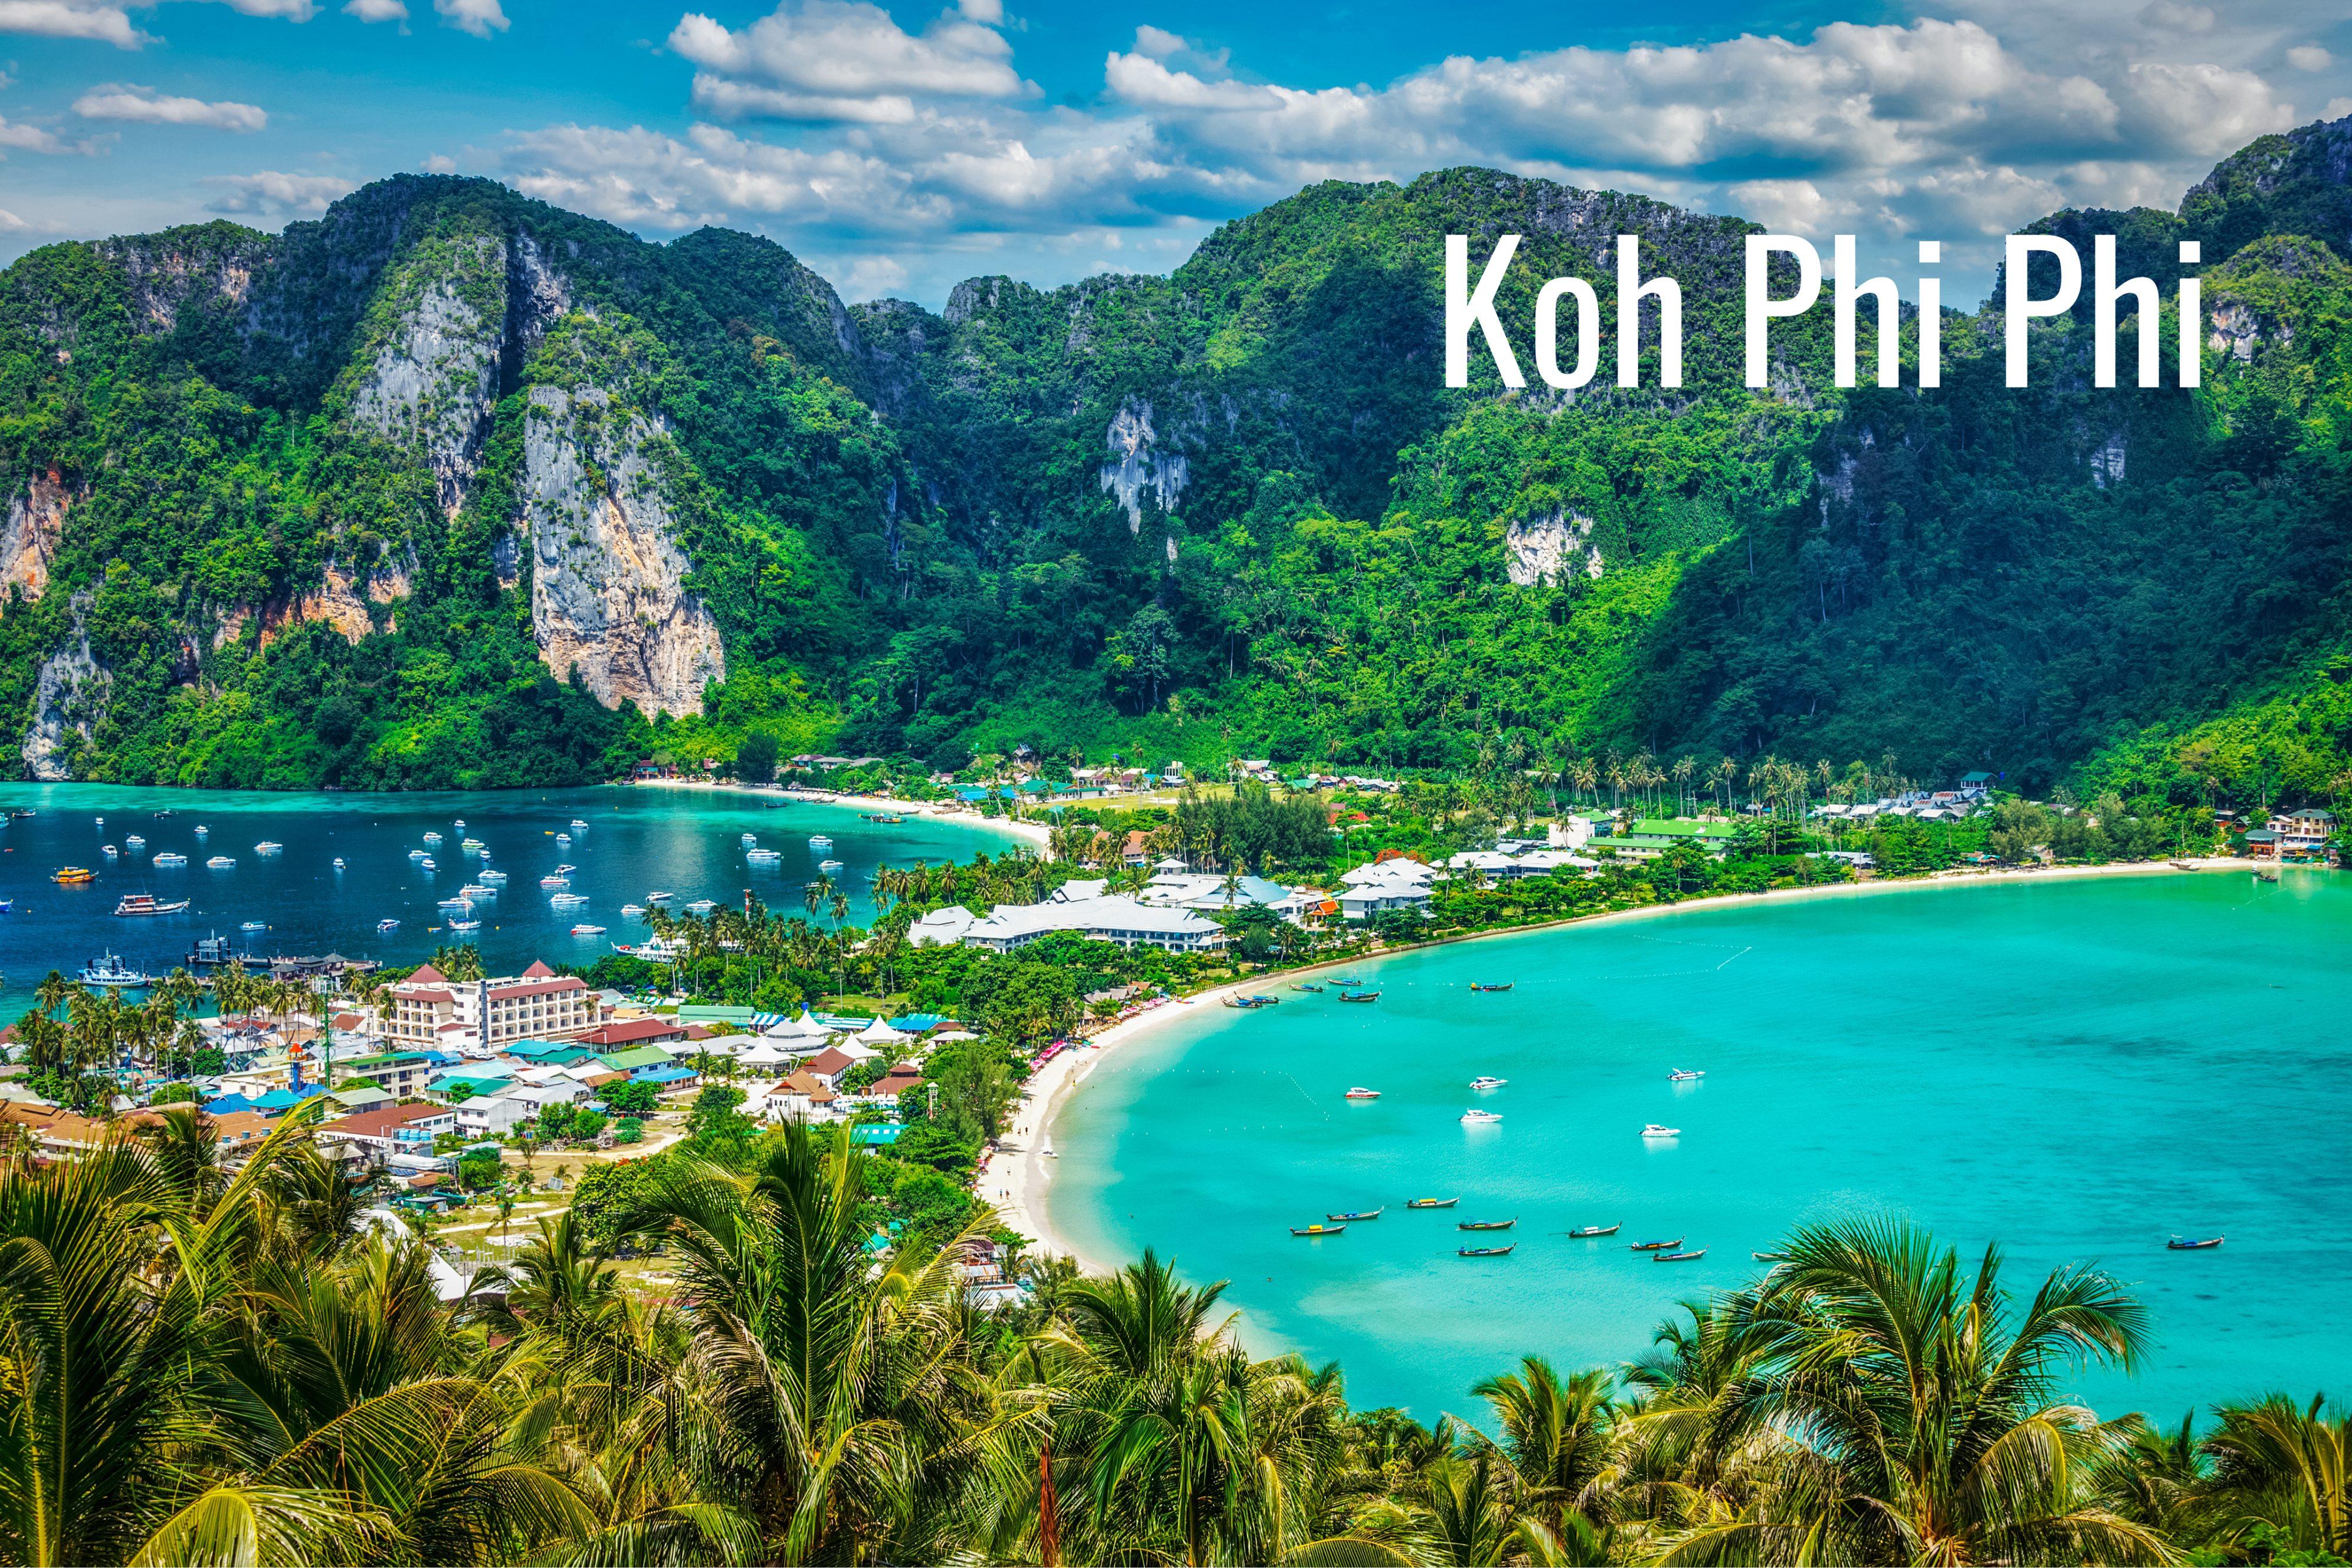 Urlaub in Thailand auf Koh Phi Phi